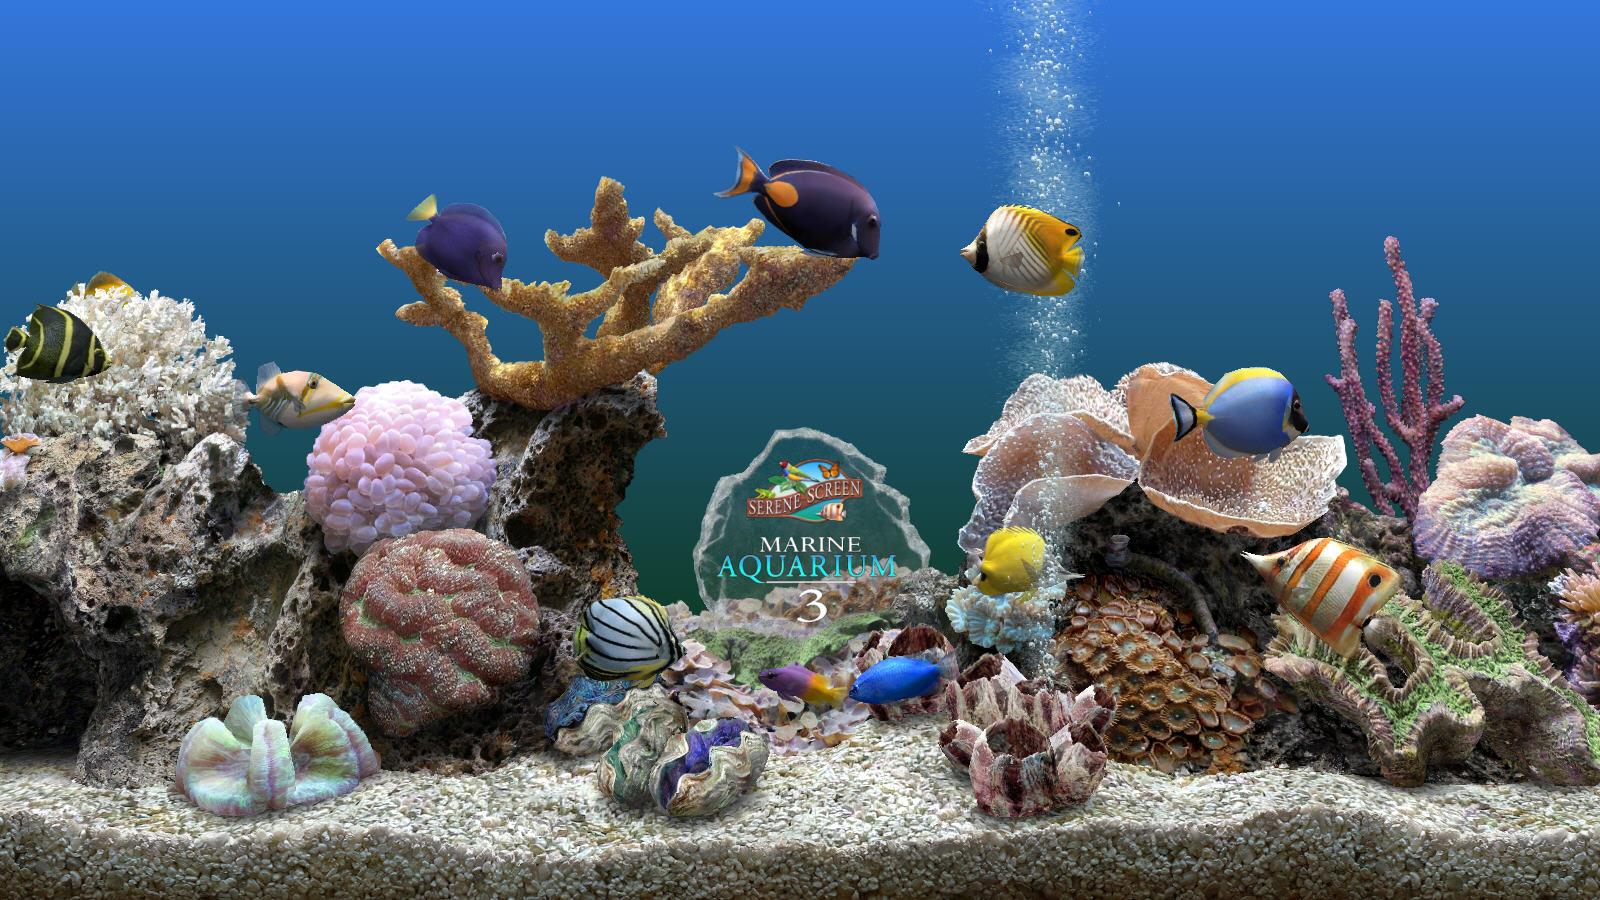 壁纸 海底 海底世界 海洋馆 水族馆 桌面 1600_900